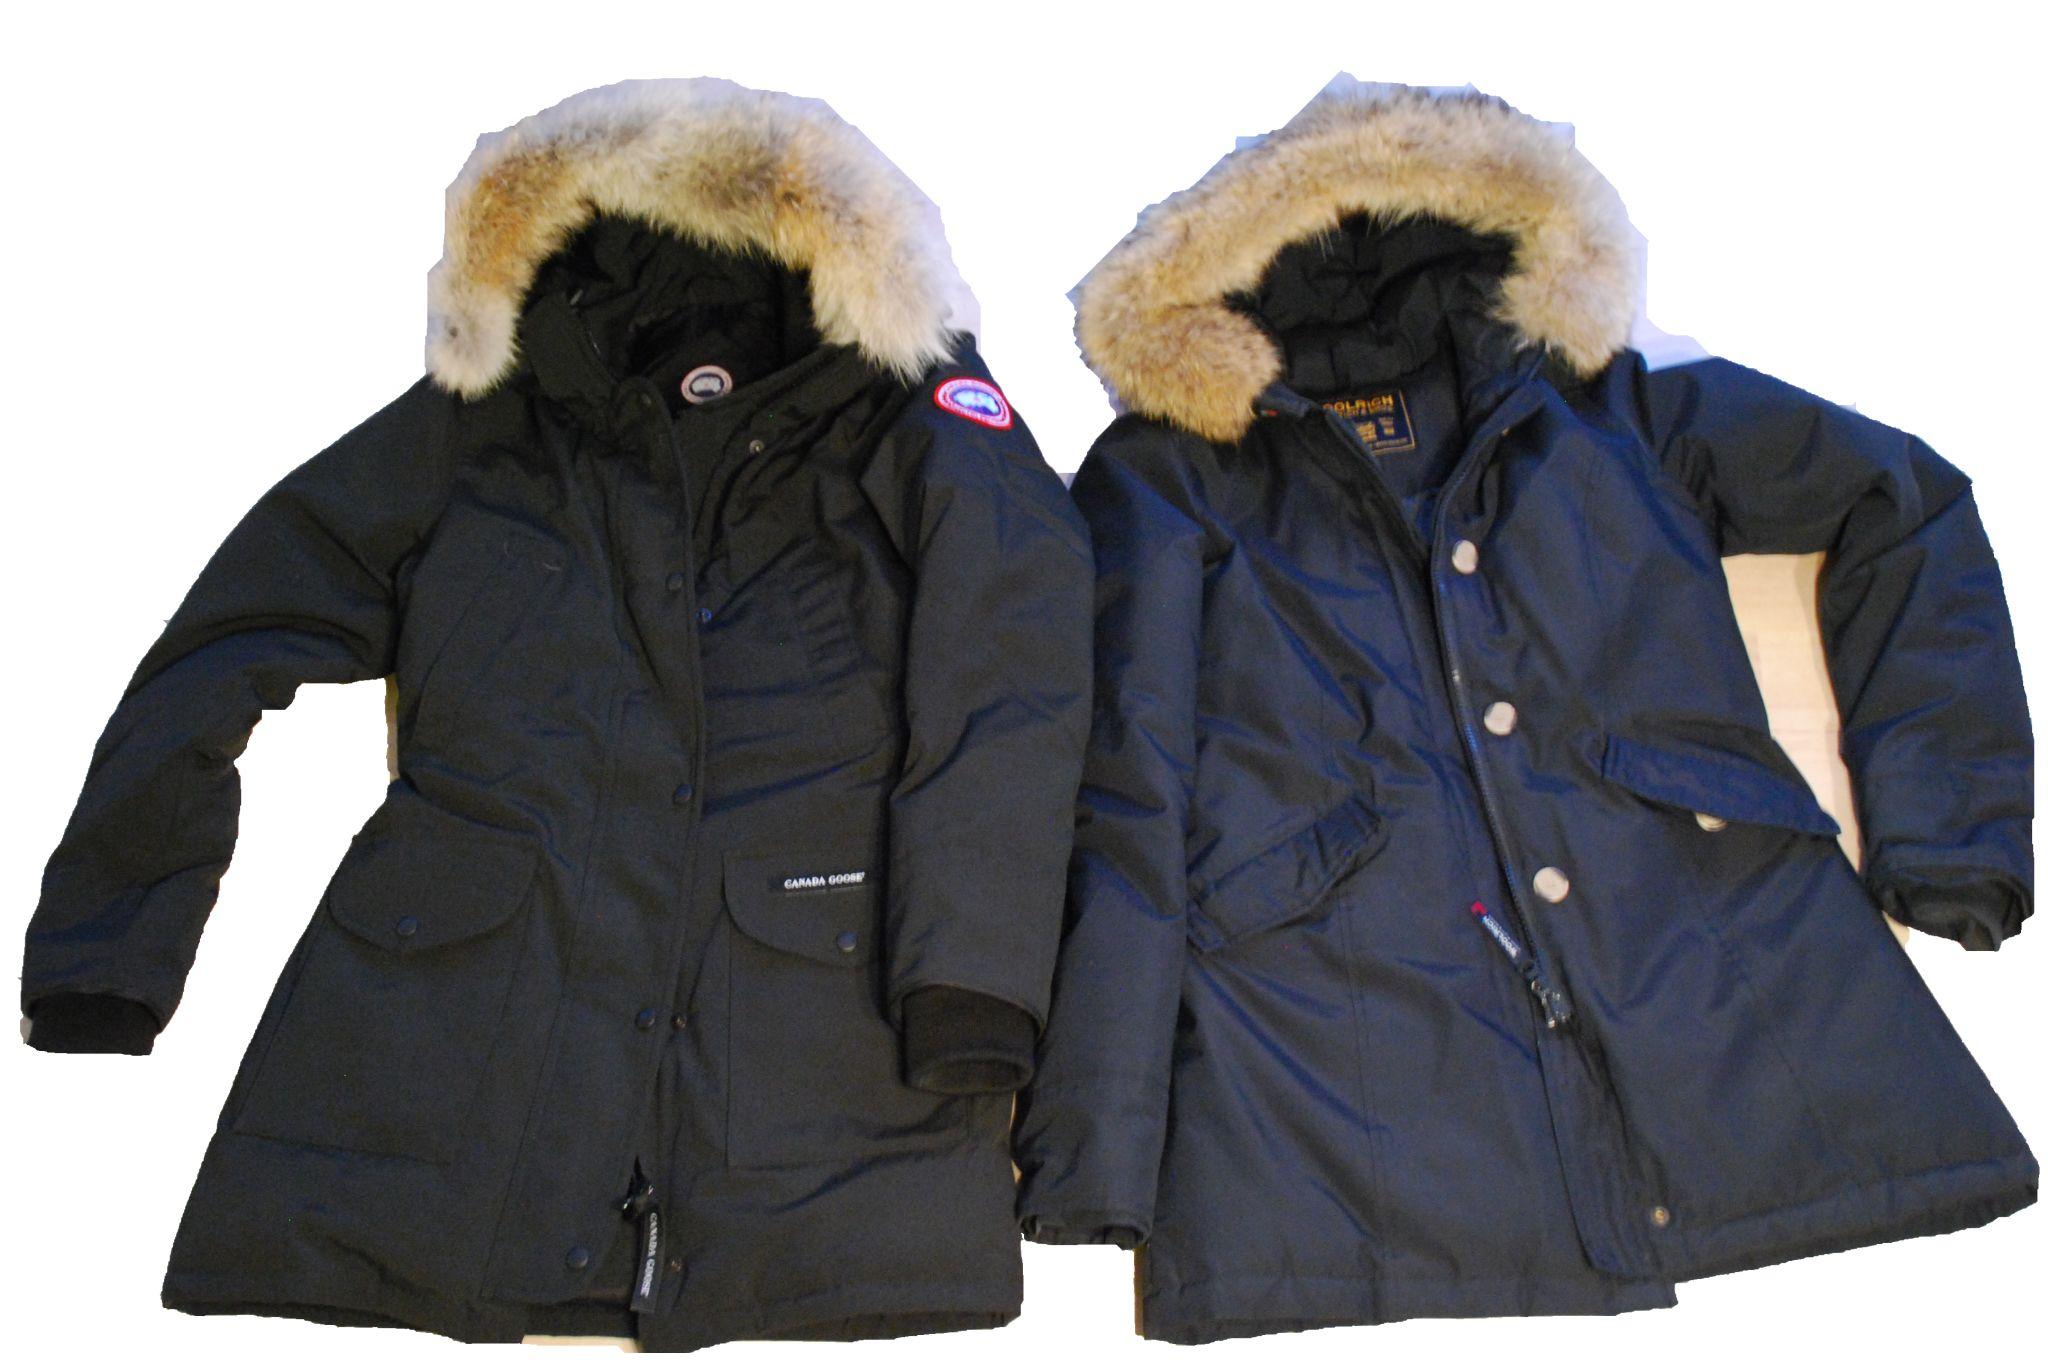 7e7c5321b31b Diese Jacke habe ich zu Weihnachten bekommen. Modell Trillium in Schwarz.  Sie ist im Vergleich zur Woolrich leichter. Zuerst war ich irritiert, ...